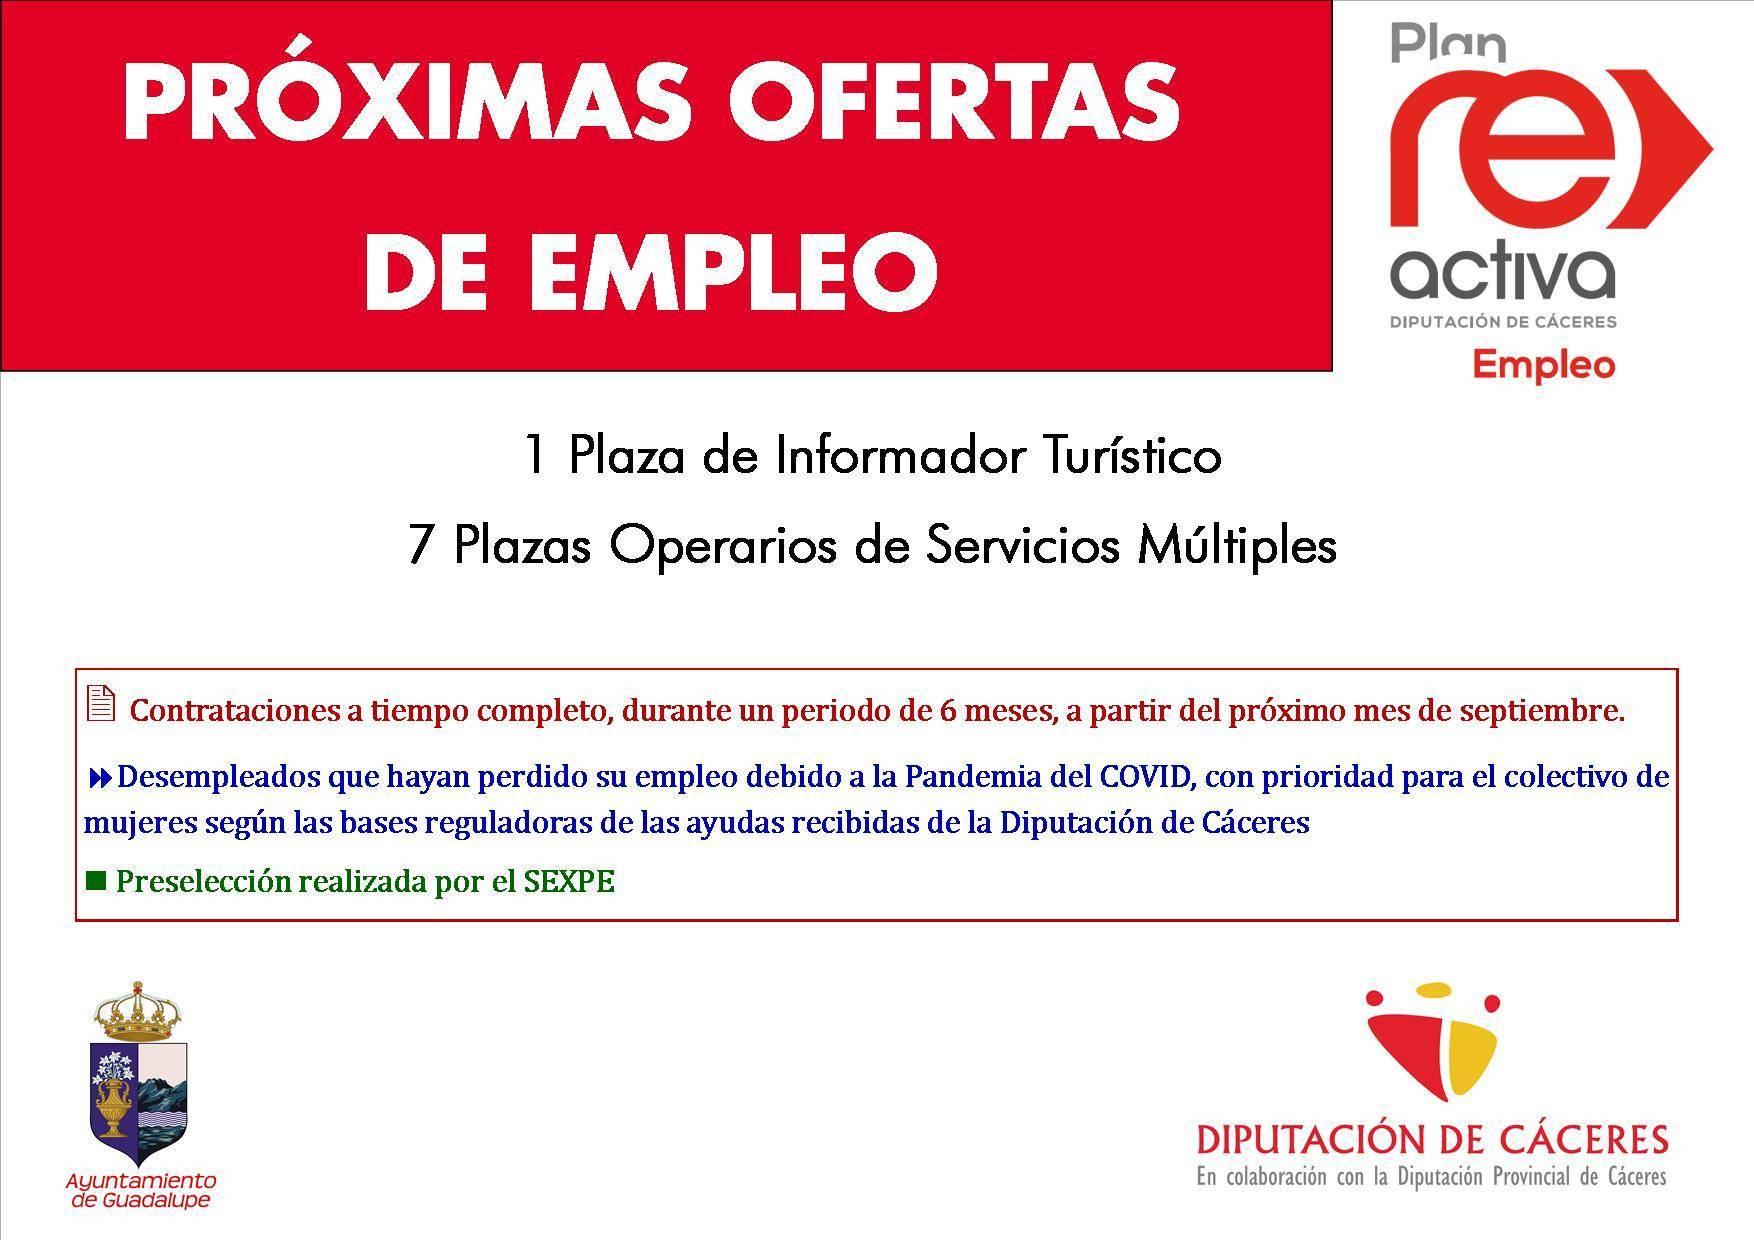 Informador turístico y operarios de servicios múltiples 2020 - Guadalupe (Cáceres)